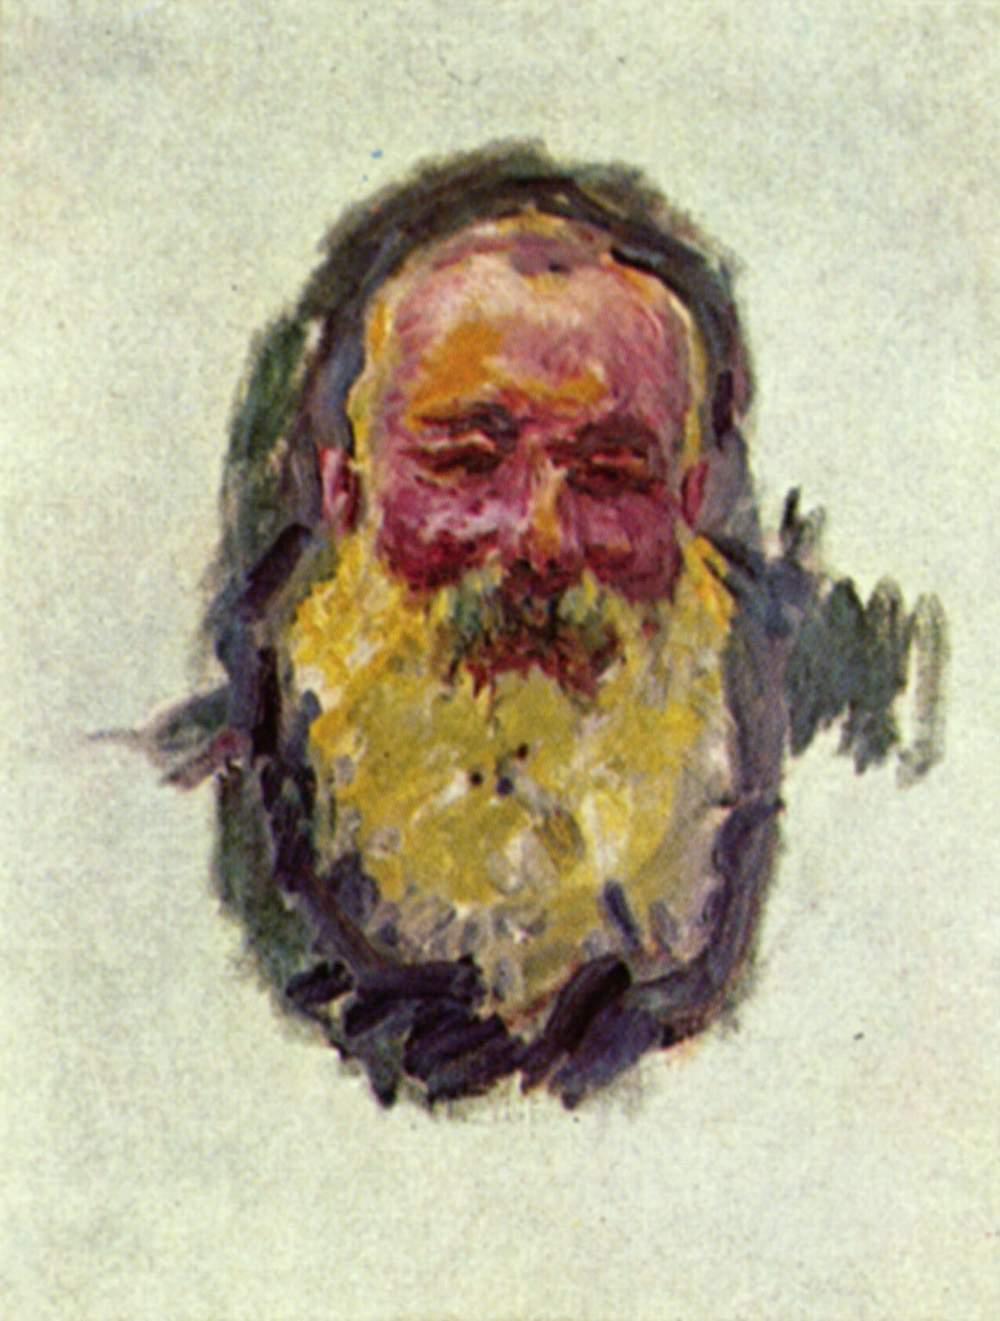 Monet, autoretrato, França, Giverny, Normandia, viagem, viagens, roteiro, pacote, roteiros europeus, arte, impressionismo, pintura, Militur, turismo, viagem de férias, férias